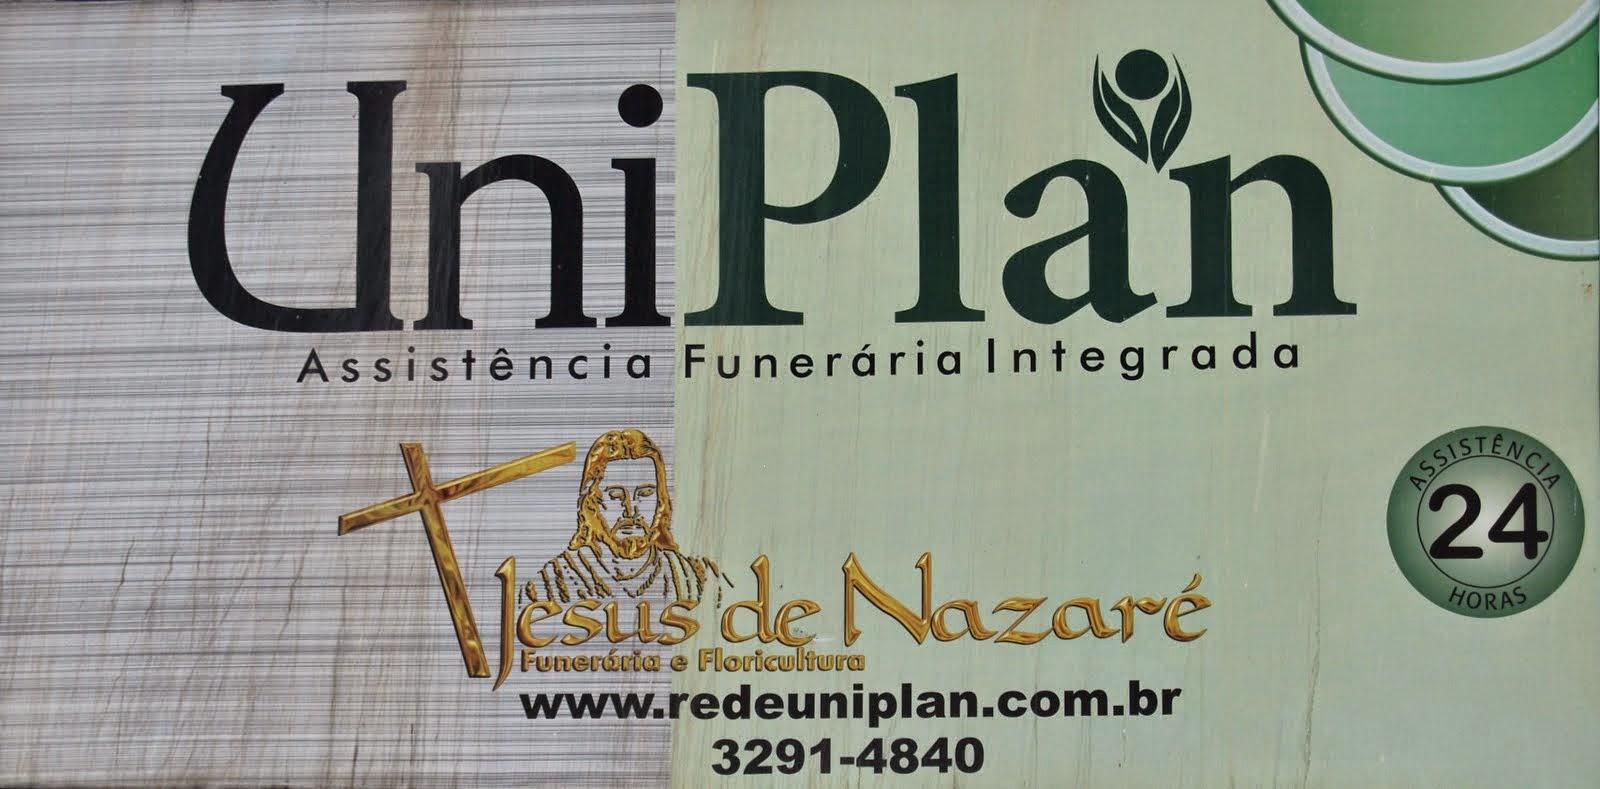 UniPlan  Assistência  Funerária  Integrada